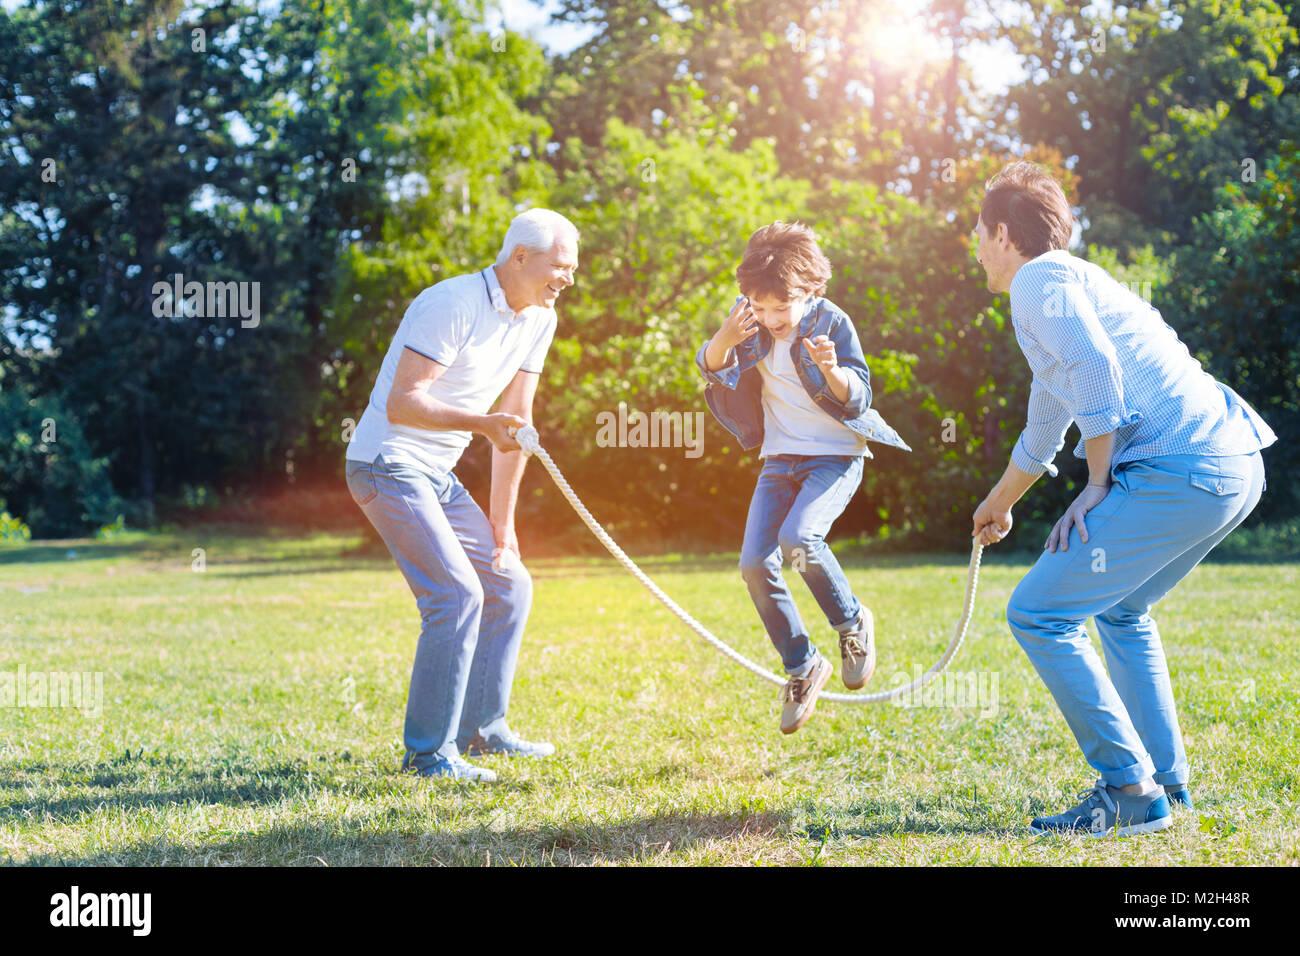 Famiglia di sostegno giocando con il salto con la corda in posizione di parcheggio Foto Stock